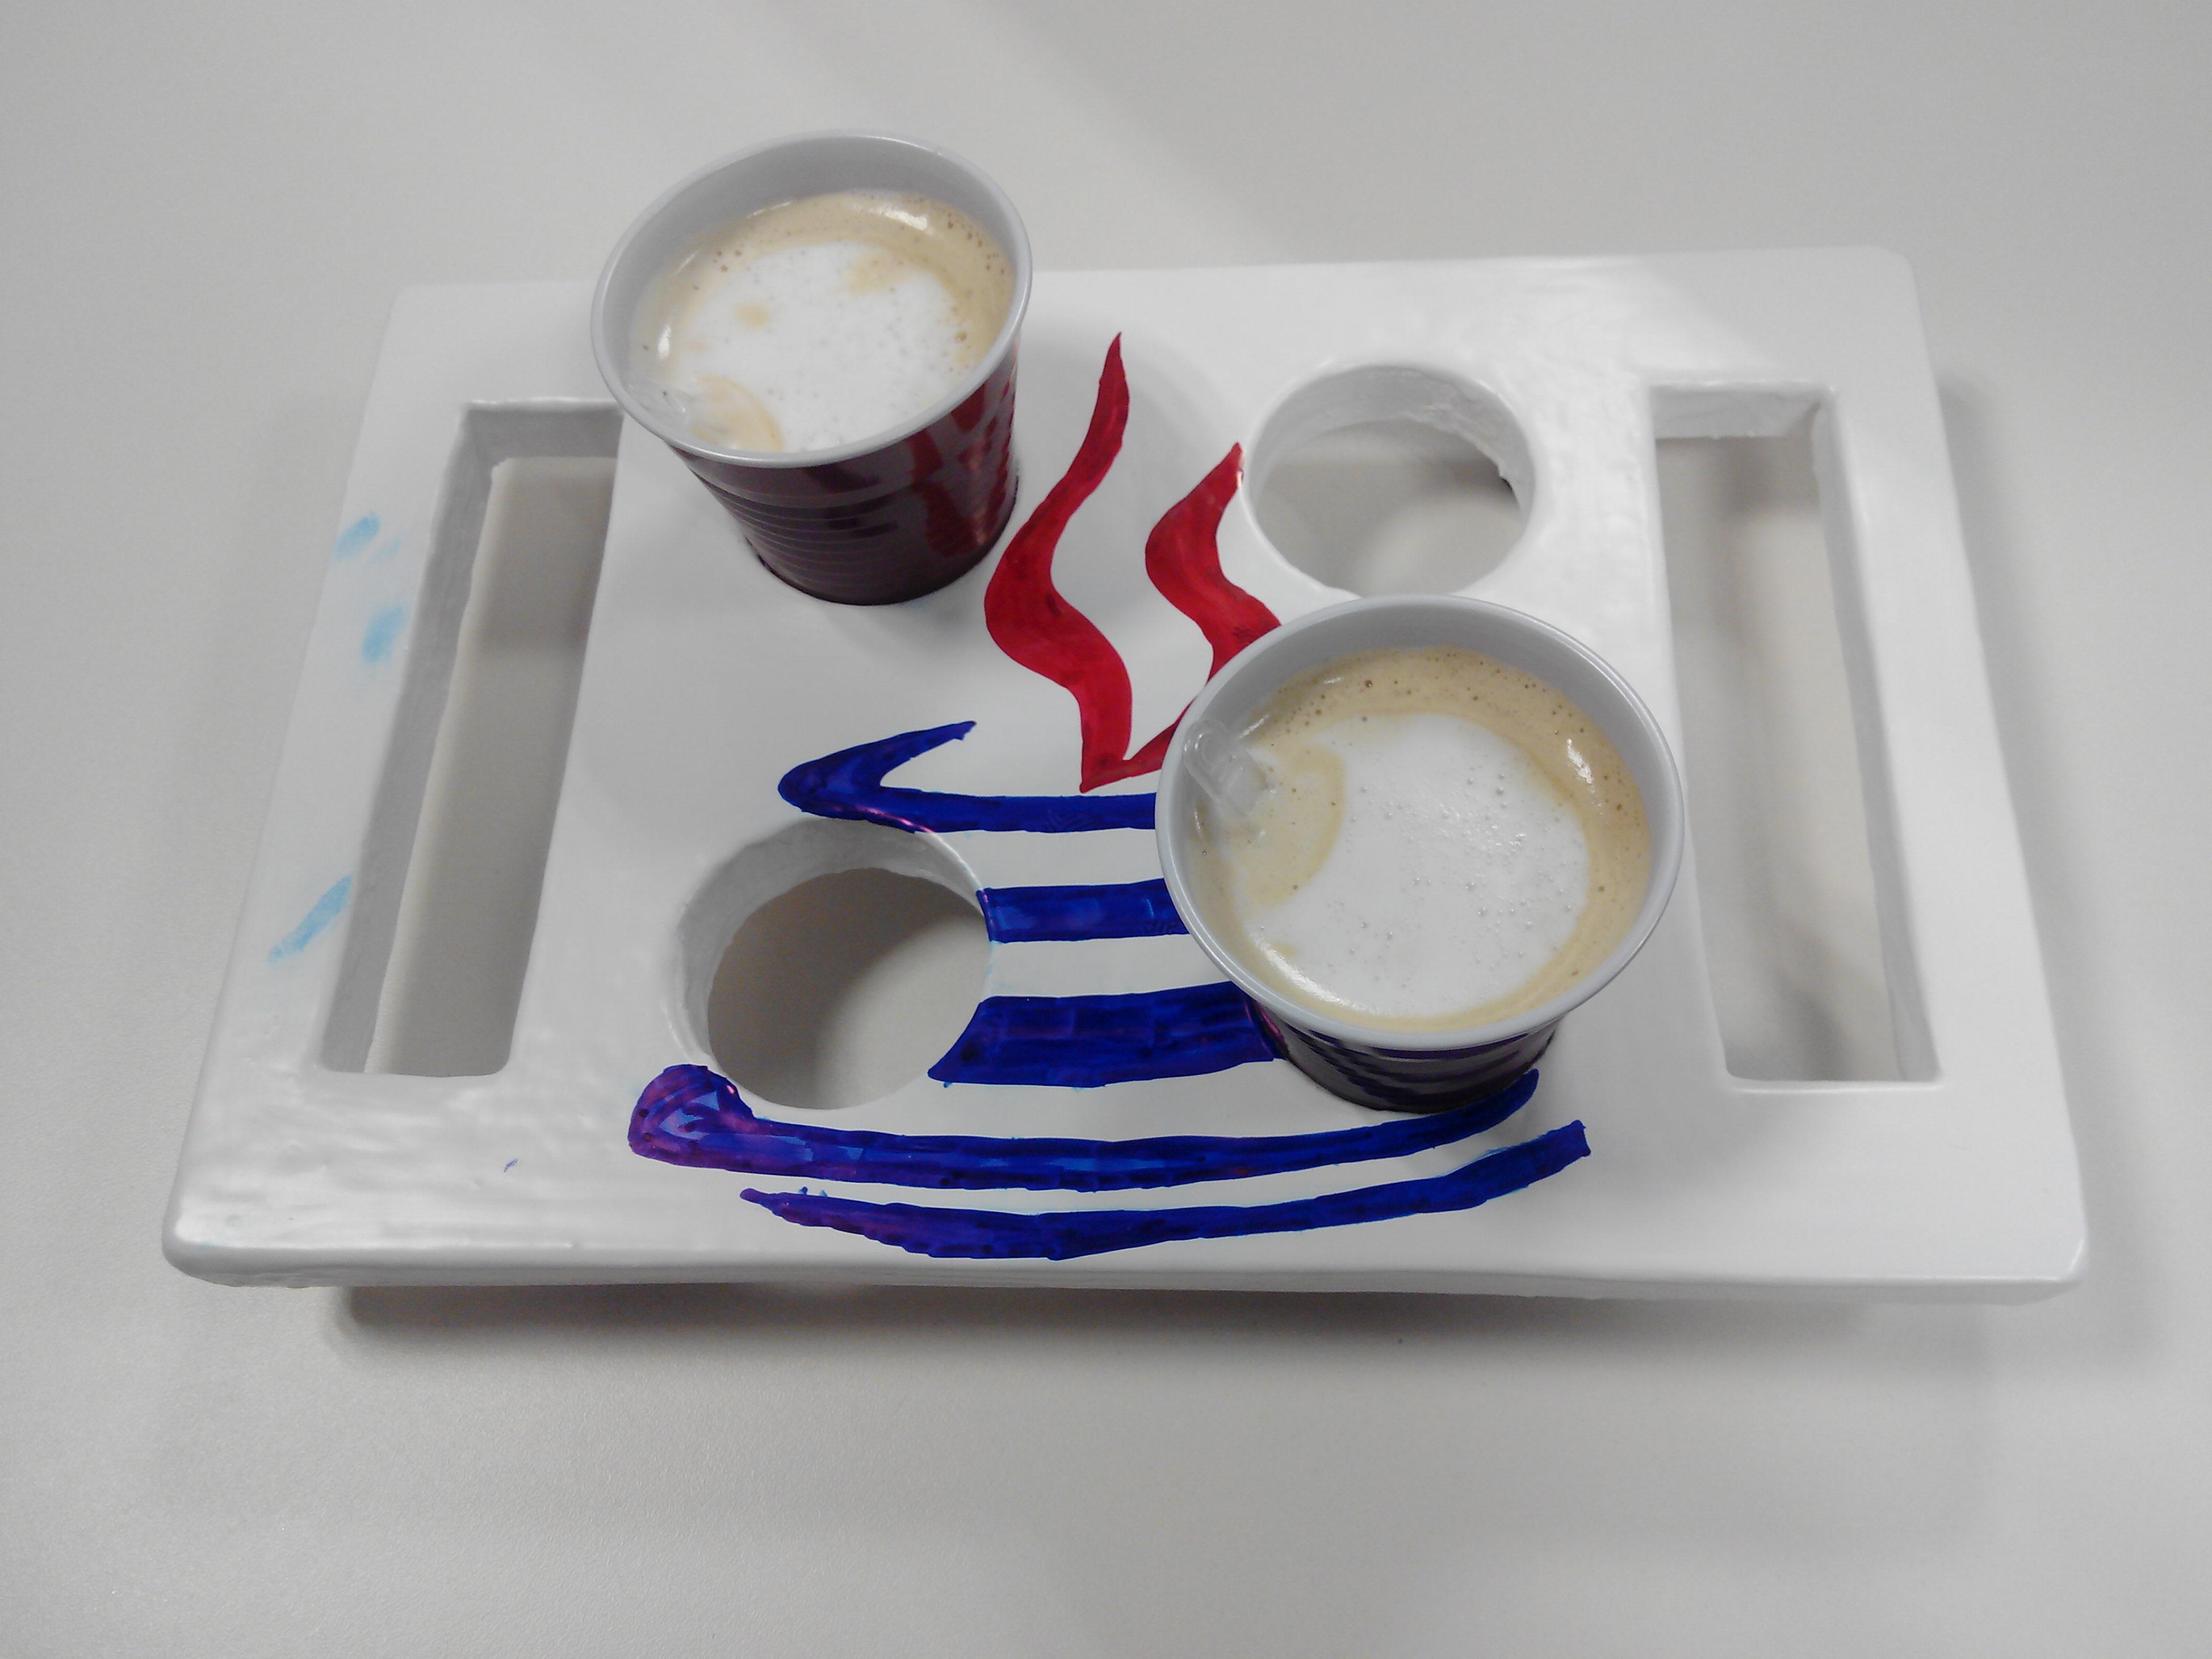 Bandeja A Medida De Caf S Con Madera Reciclada Manualidades  ~ Manualidades De Madera Reciclada